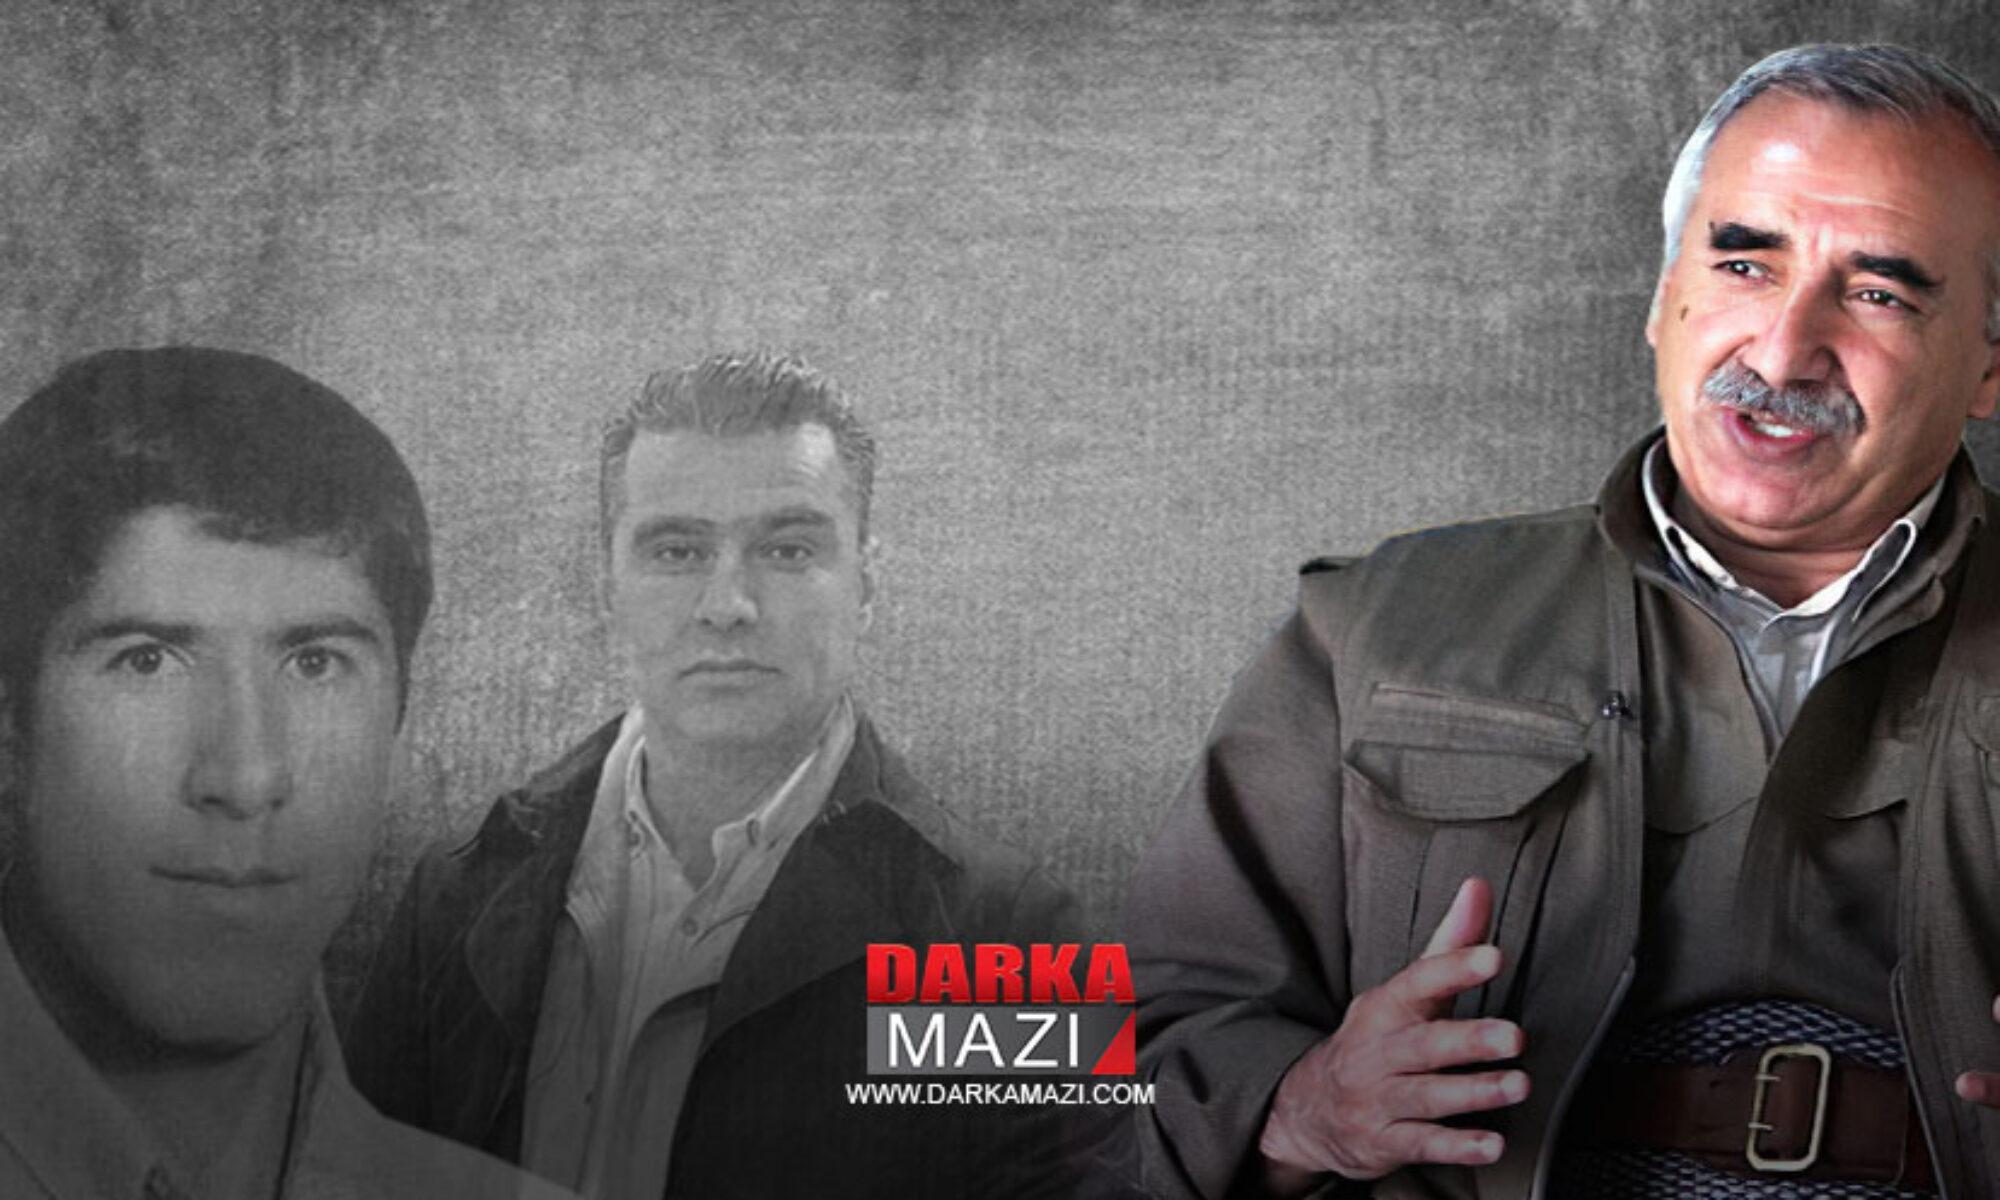 Karayılan'ın açıklamaları ve inandırıcılık üzerine Nasır, Faruk Bozkurt, Gazi Salih Alixan, KCK, PKK, Karasu, Cemil Bayık ,Duran Kalkan, Hakkamaz, Bahoz Erdal, Kandil, Metina, Kornet füze, Peşmerge, Gerilla, Halk Savunma Merkezi, Sterk TV, Behdinan, Duhok, Kurdistani Kurdewari,